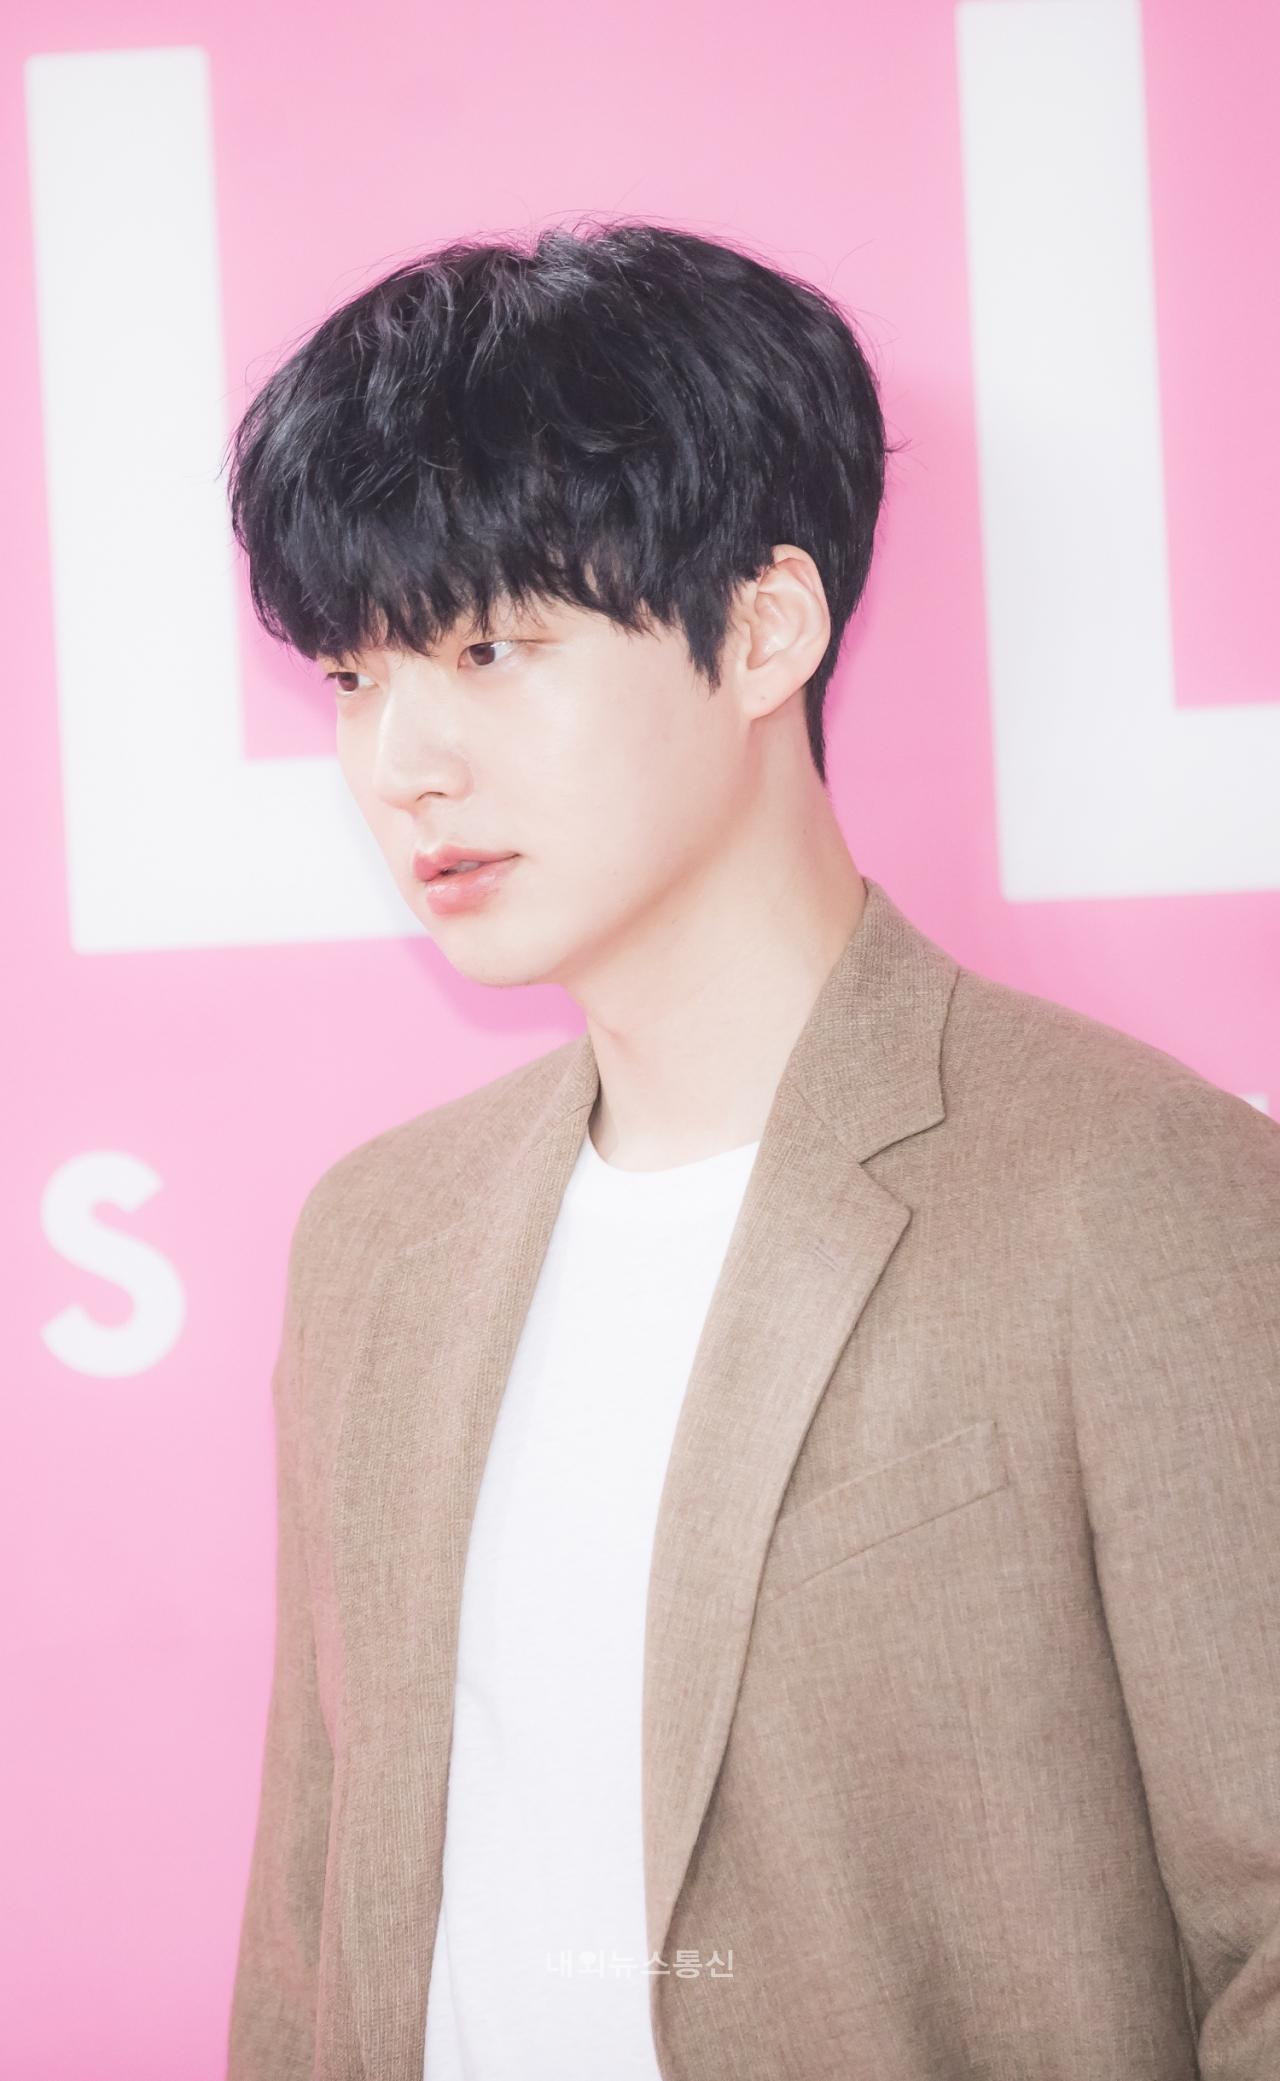 ahn jae hyun feature